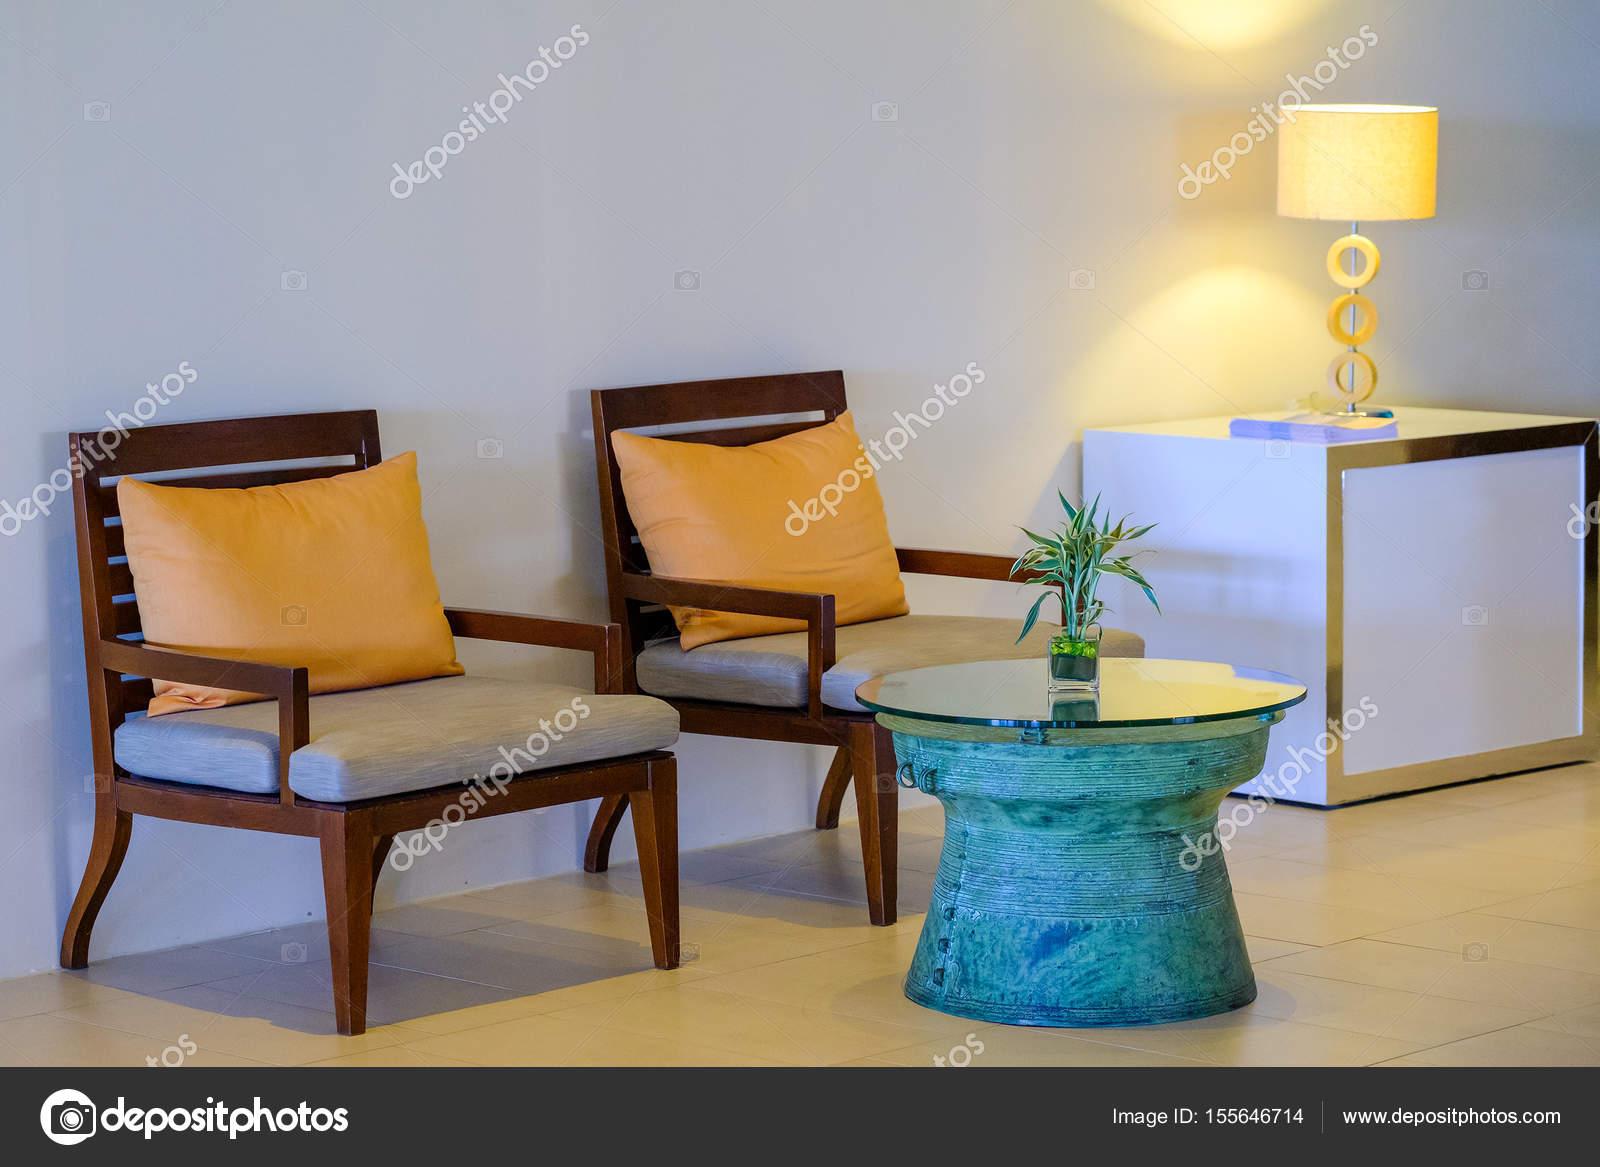 Tavolo e sedie tavolo & interno camera da letto dell\'hotel — Foto ...